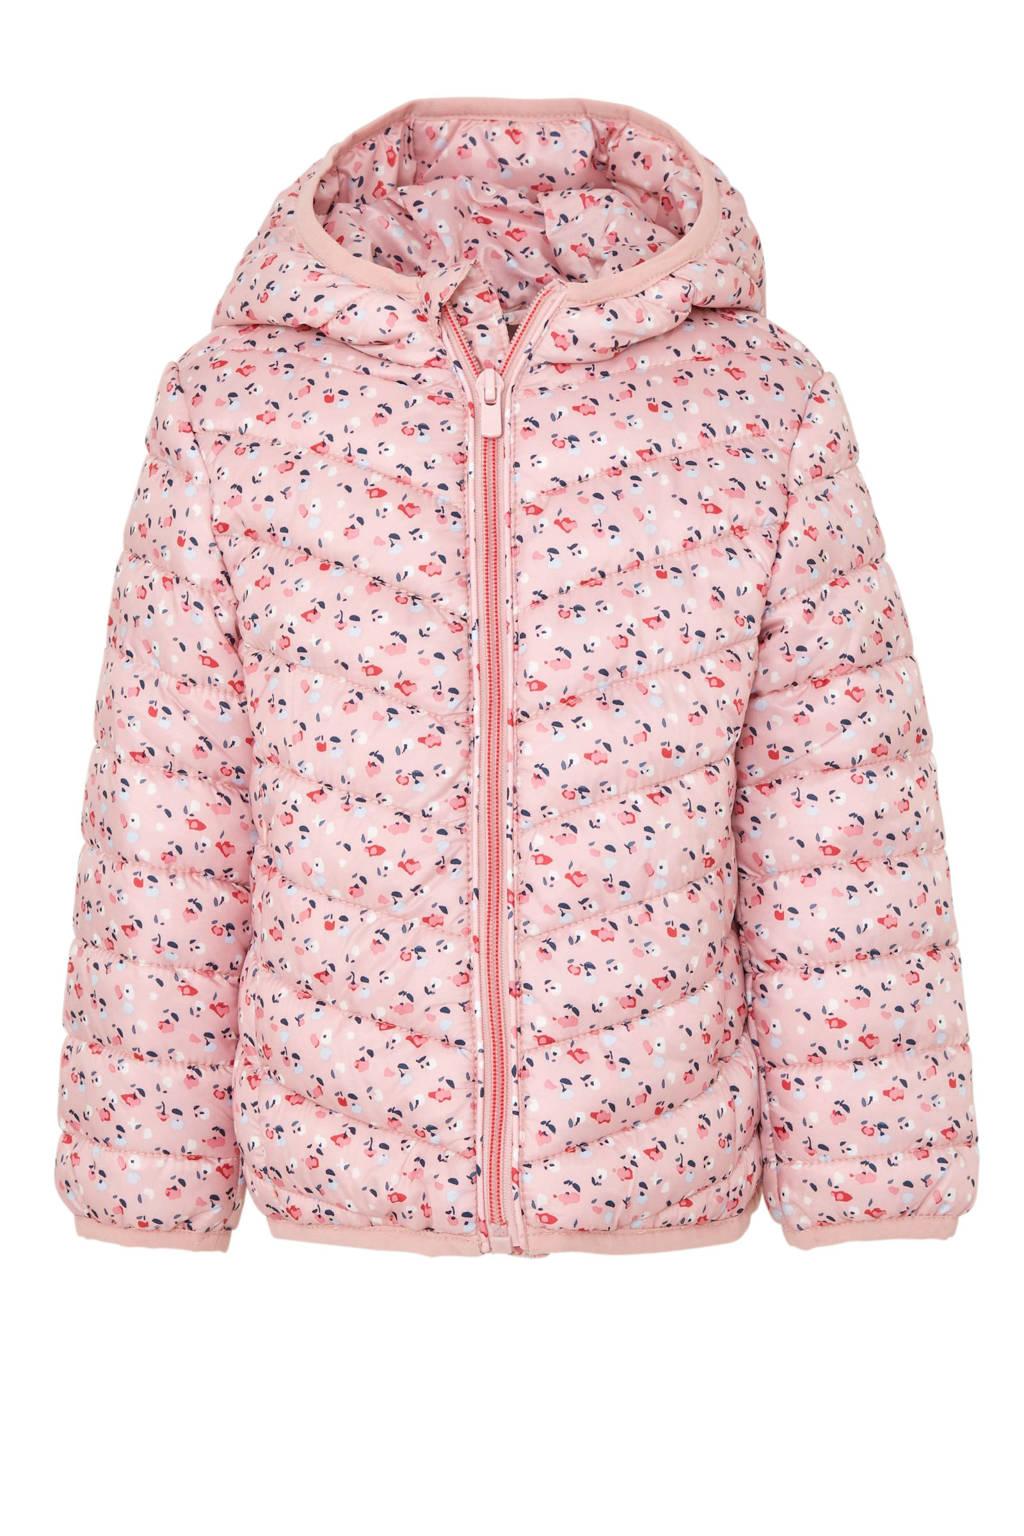 C&A Palomino gebloemde winterjas lichtroze, Lichtroze